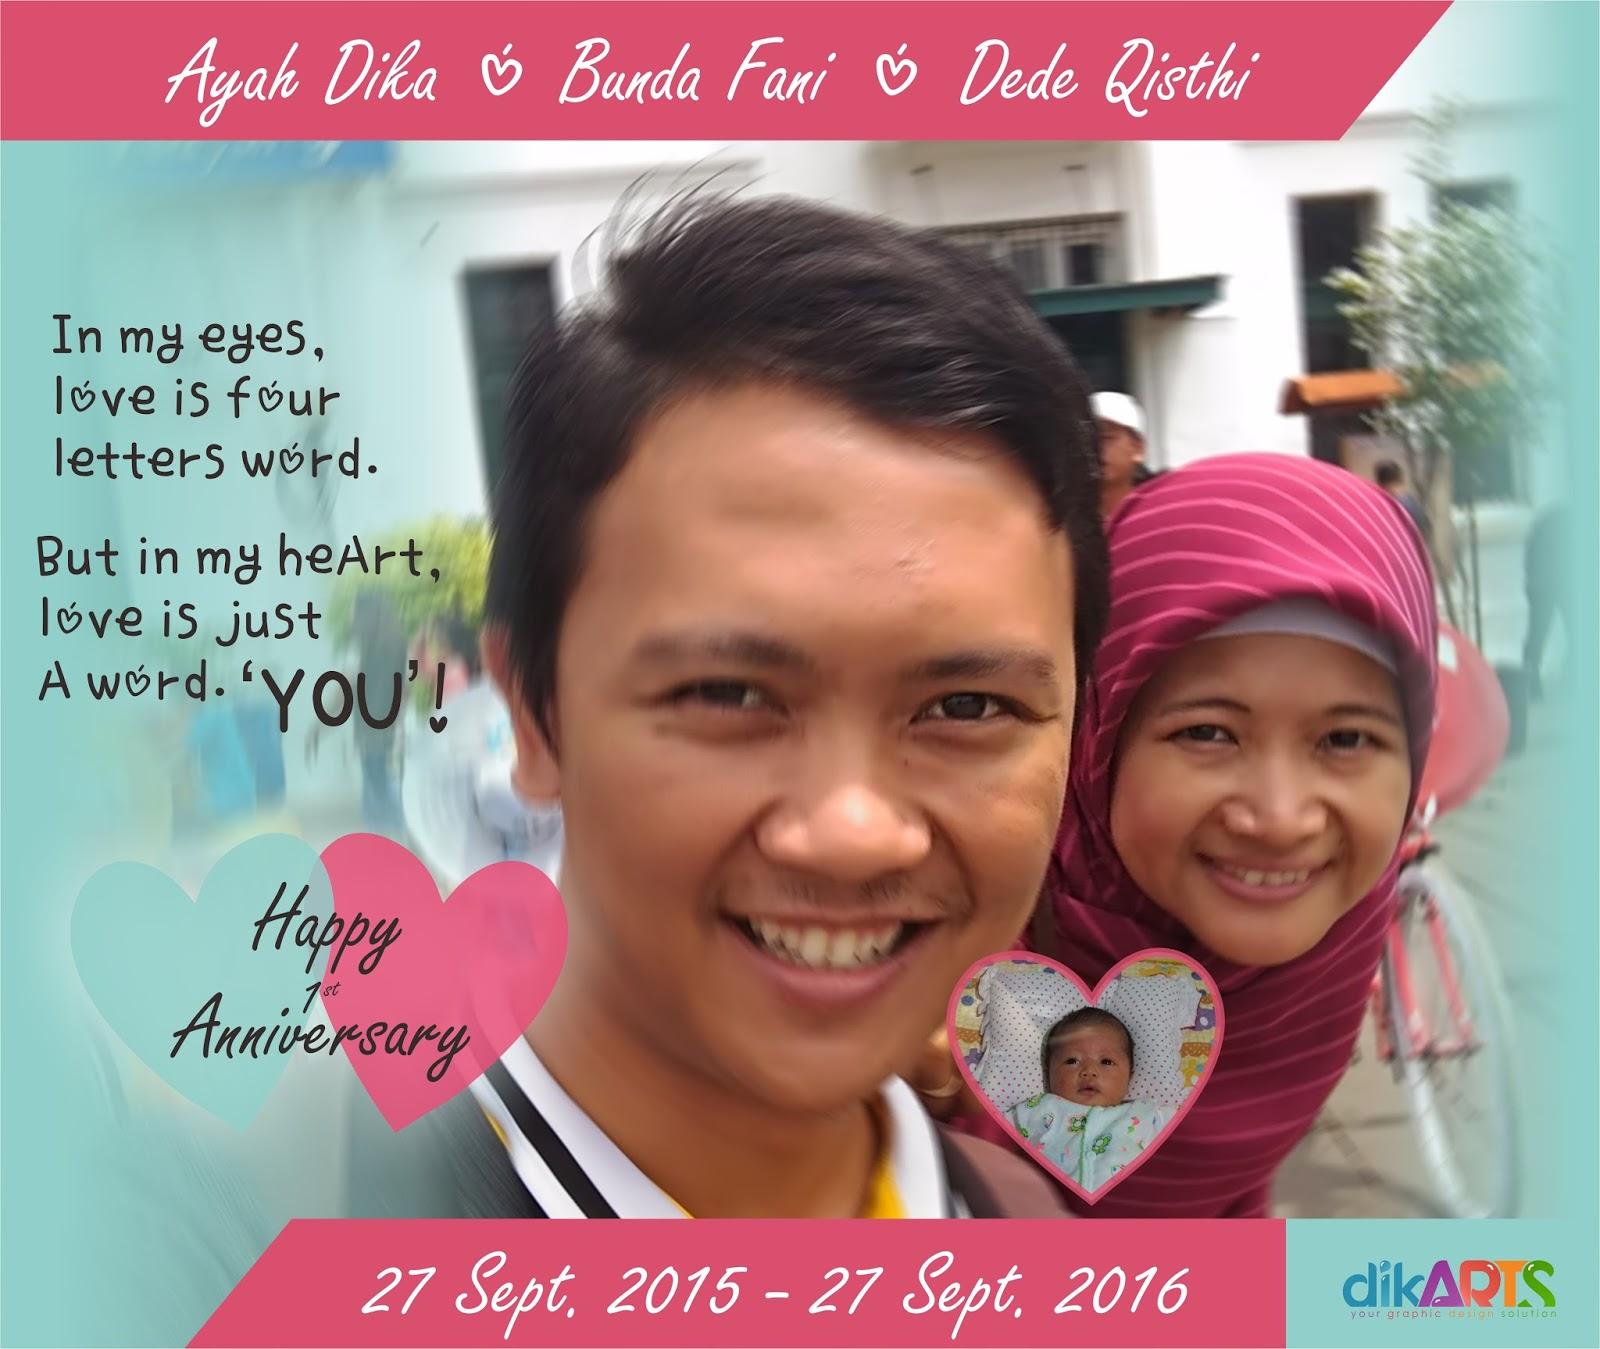 Coachdika happy first anniversary sayang